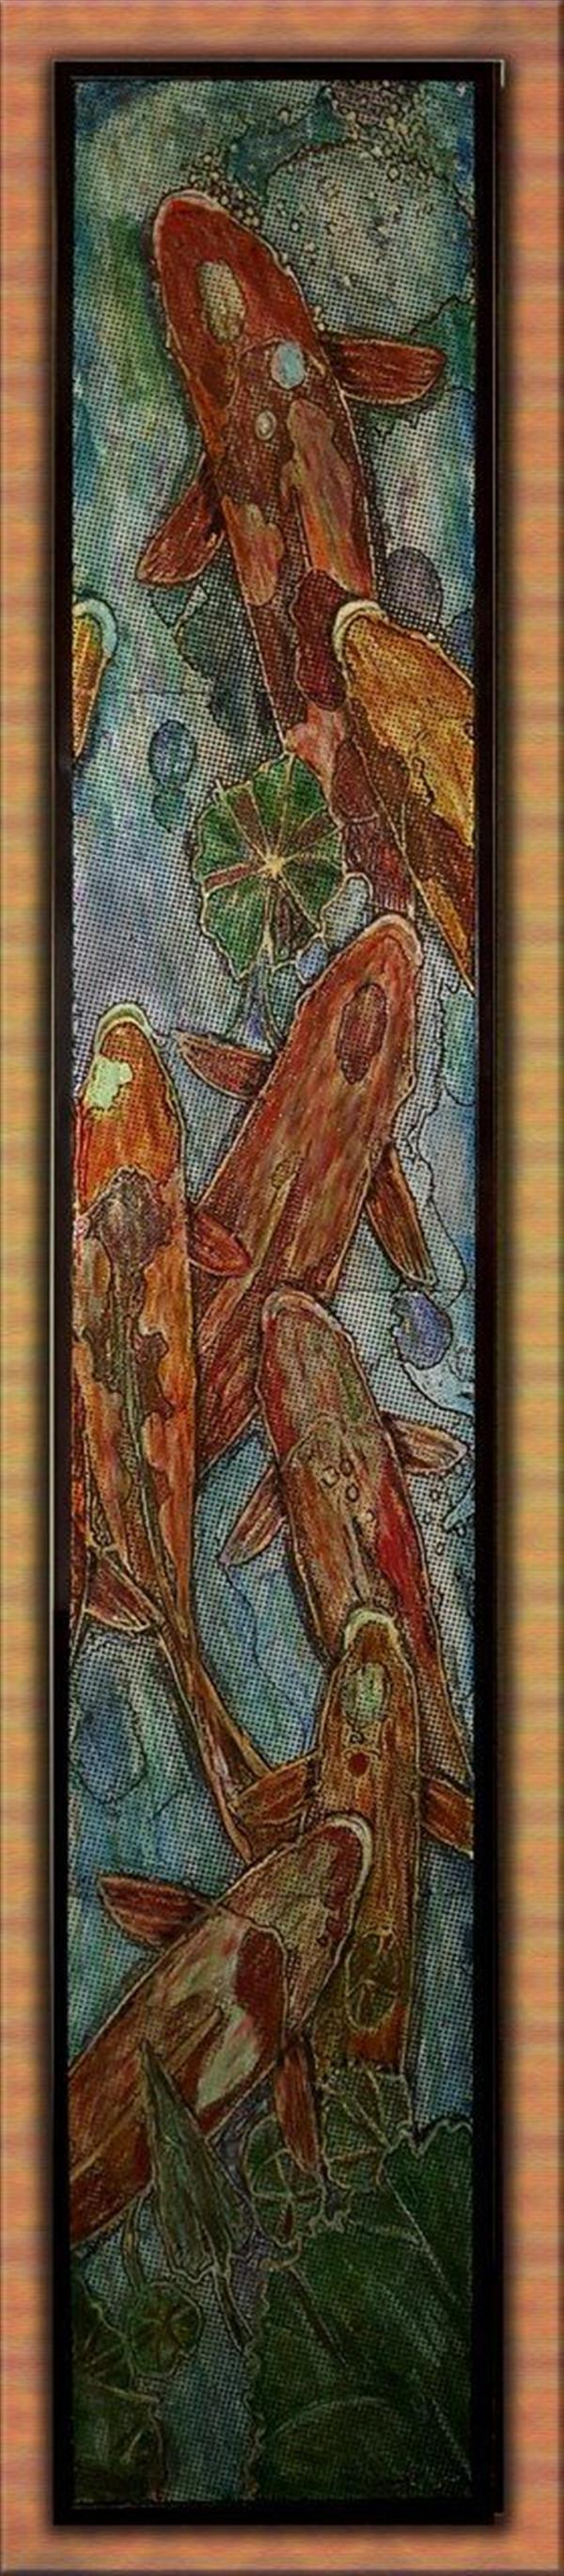 هنر نقاشی و گرافیک محفل نقاشی و گرافیک سعید علیخانی تابلوی نقاشی برجسته با تکنیک حکاکی نقاشی با اکرولیک و  ترکیب مواد در ابعاد == ۳۵در۱۸۰ سانت #آبستره  #نقاشی مدرن #دکوراتیو #بوم